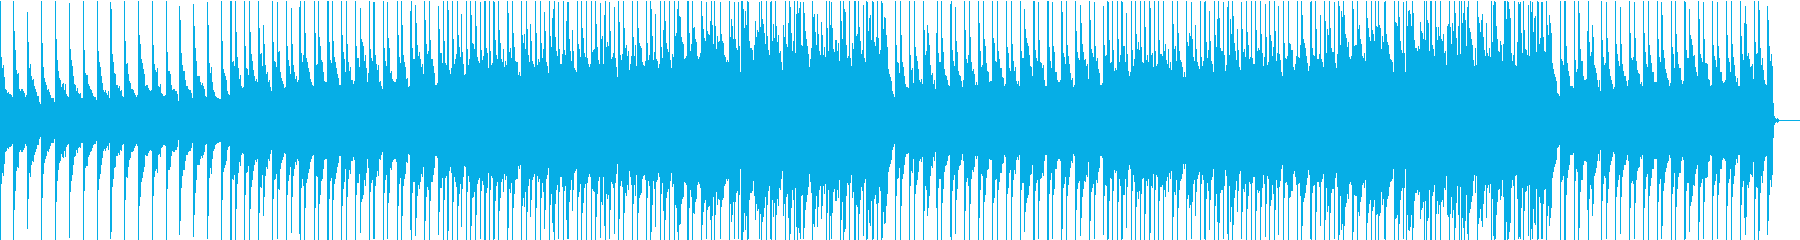 青春・仲間・感動・バラード・ピアノ・春bの再生済みの波形